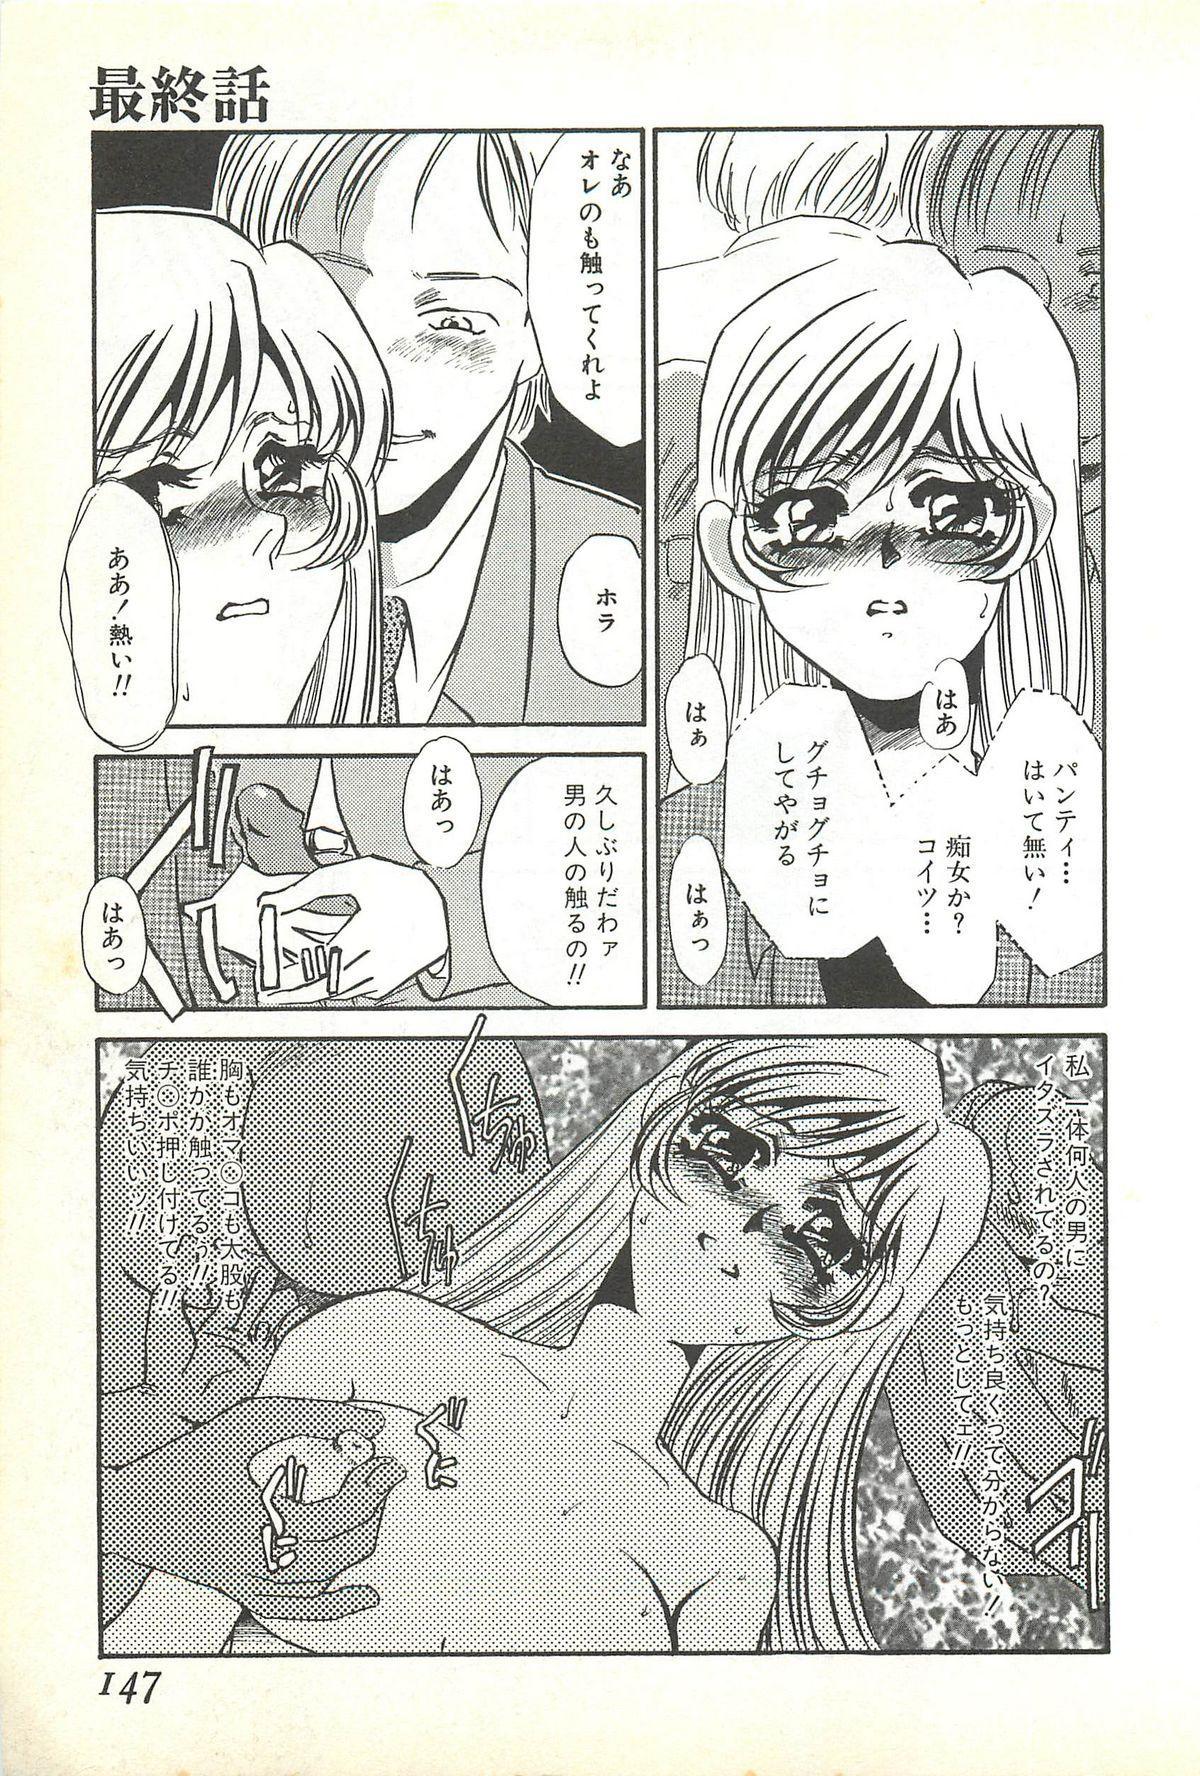 Chigyaku no Heya - A Shameful Punishment Room 142